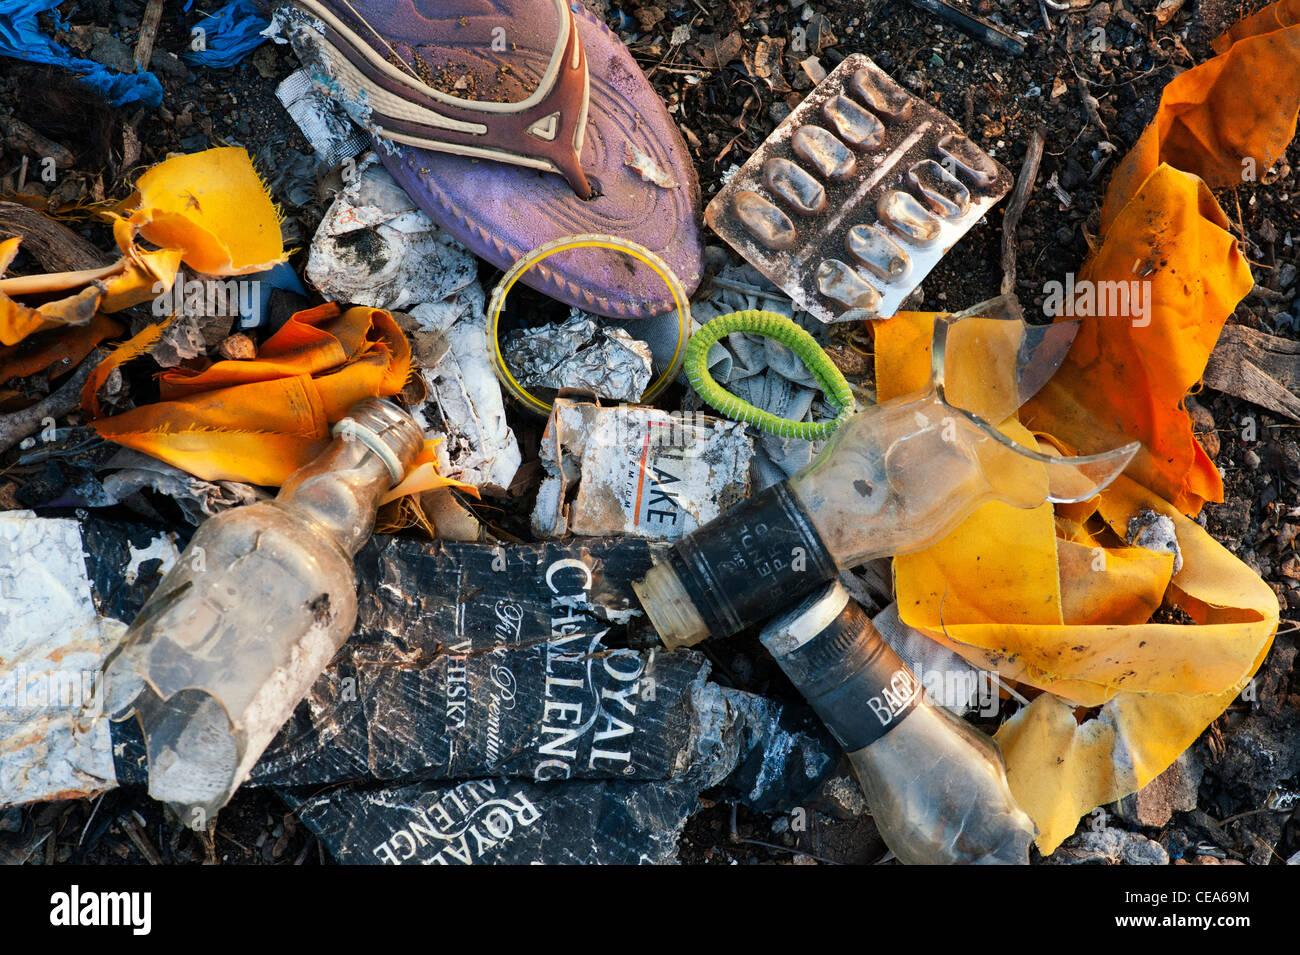 Descarta los desechos domésticos en la India rural, que representa el concepto de familia india cuestiones sociales. En Andhra Pradesh, India Foto de stock